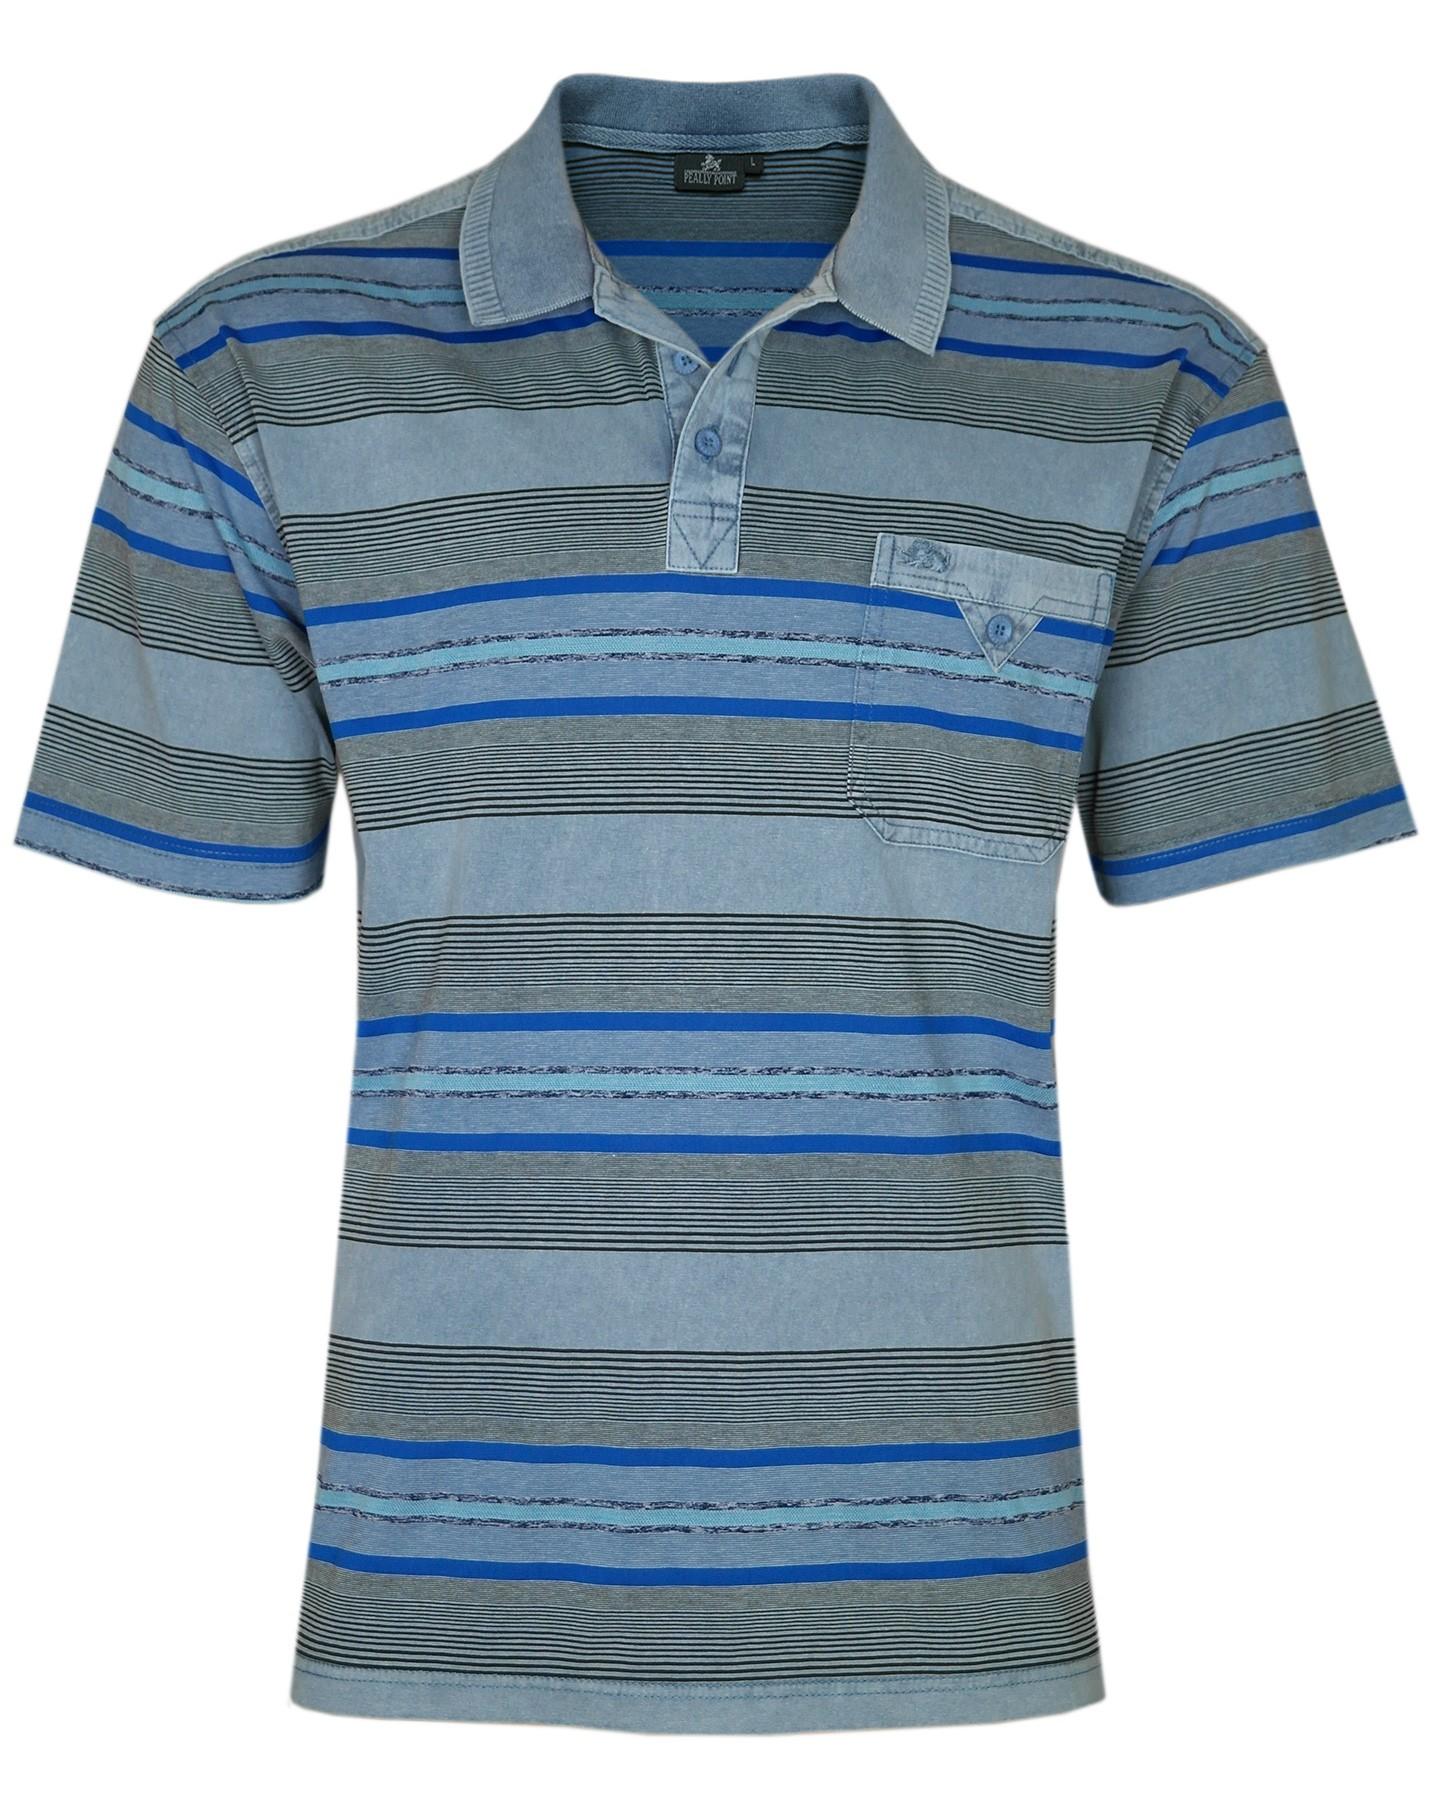 Herren Premium Poloshirts mit kurzer Knopfleiste - Blue